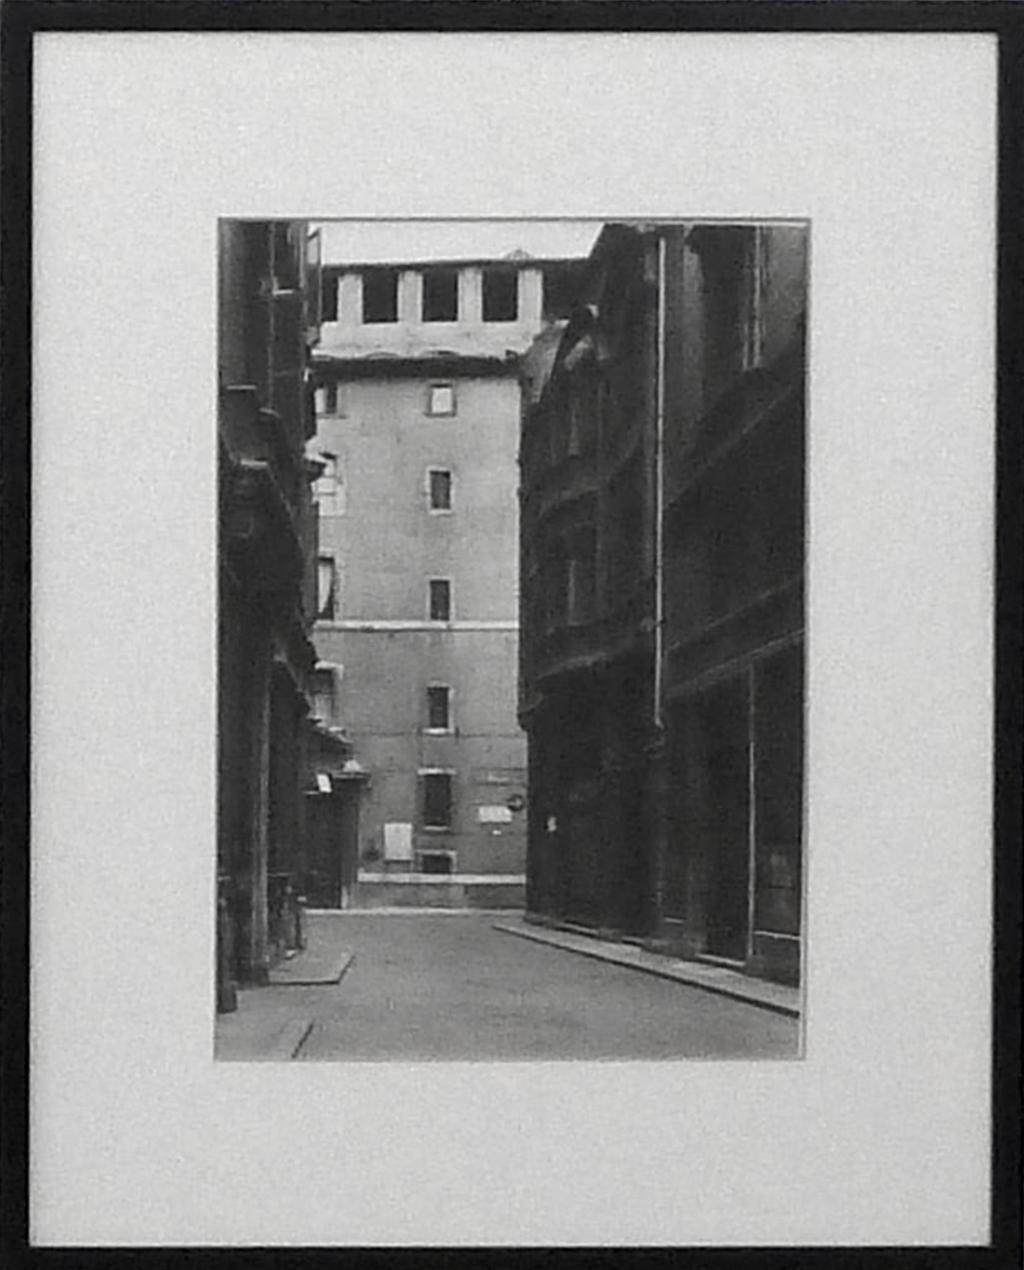 Black and silver gabriele arruzzo bernd hilla becher - Michelangelo pistoletto specchi ...